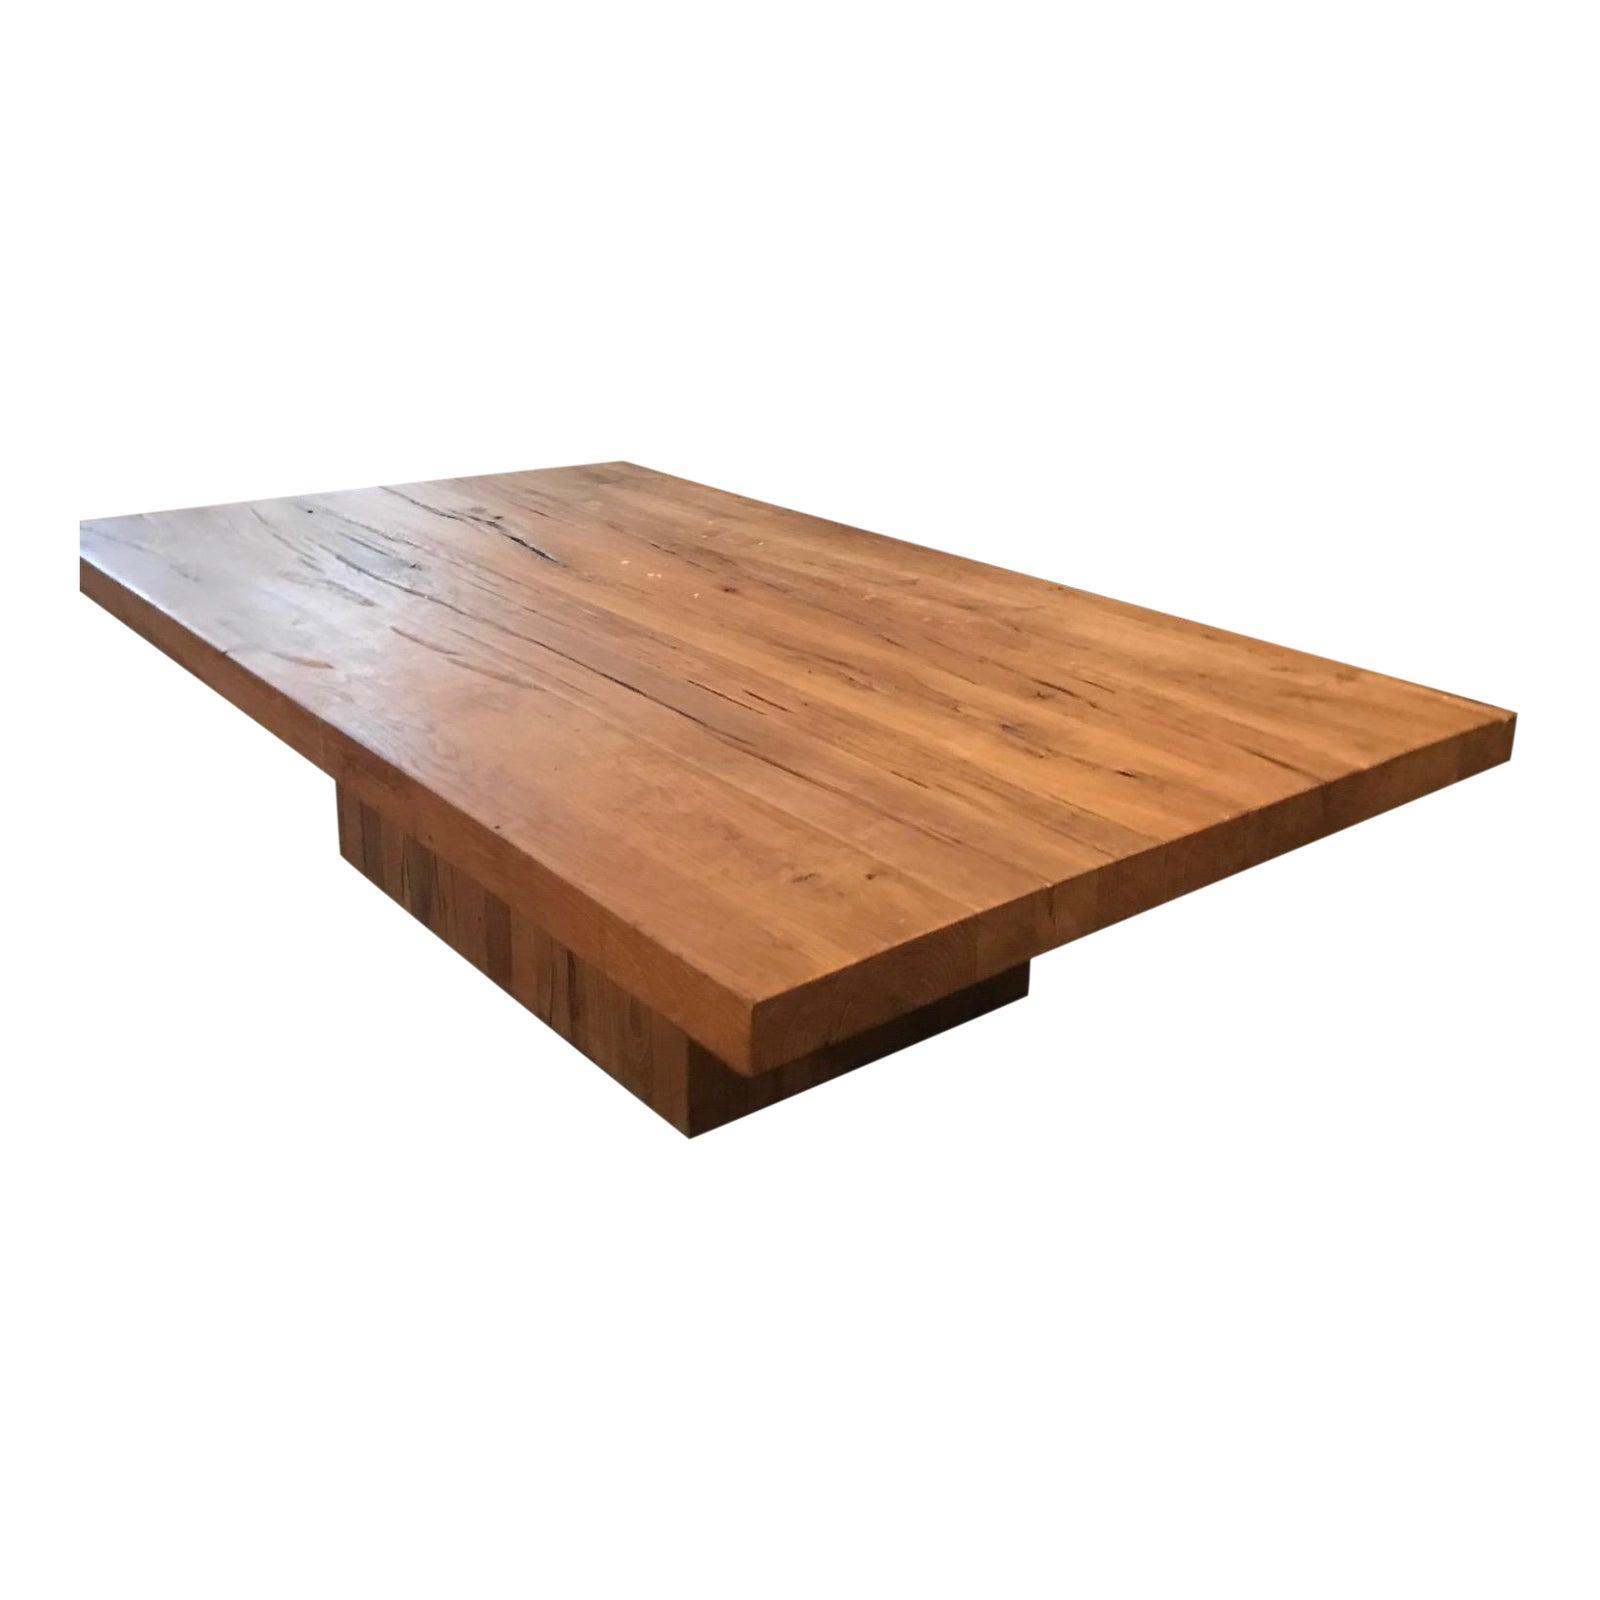 Restoration Hardware Reclaimed Russian Oak Plinth Coffee Table - Chairish